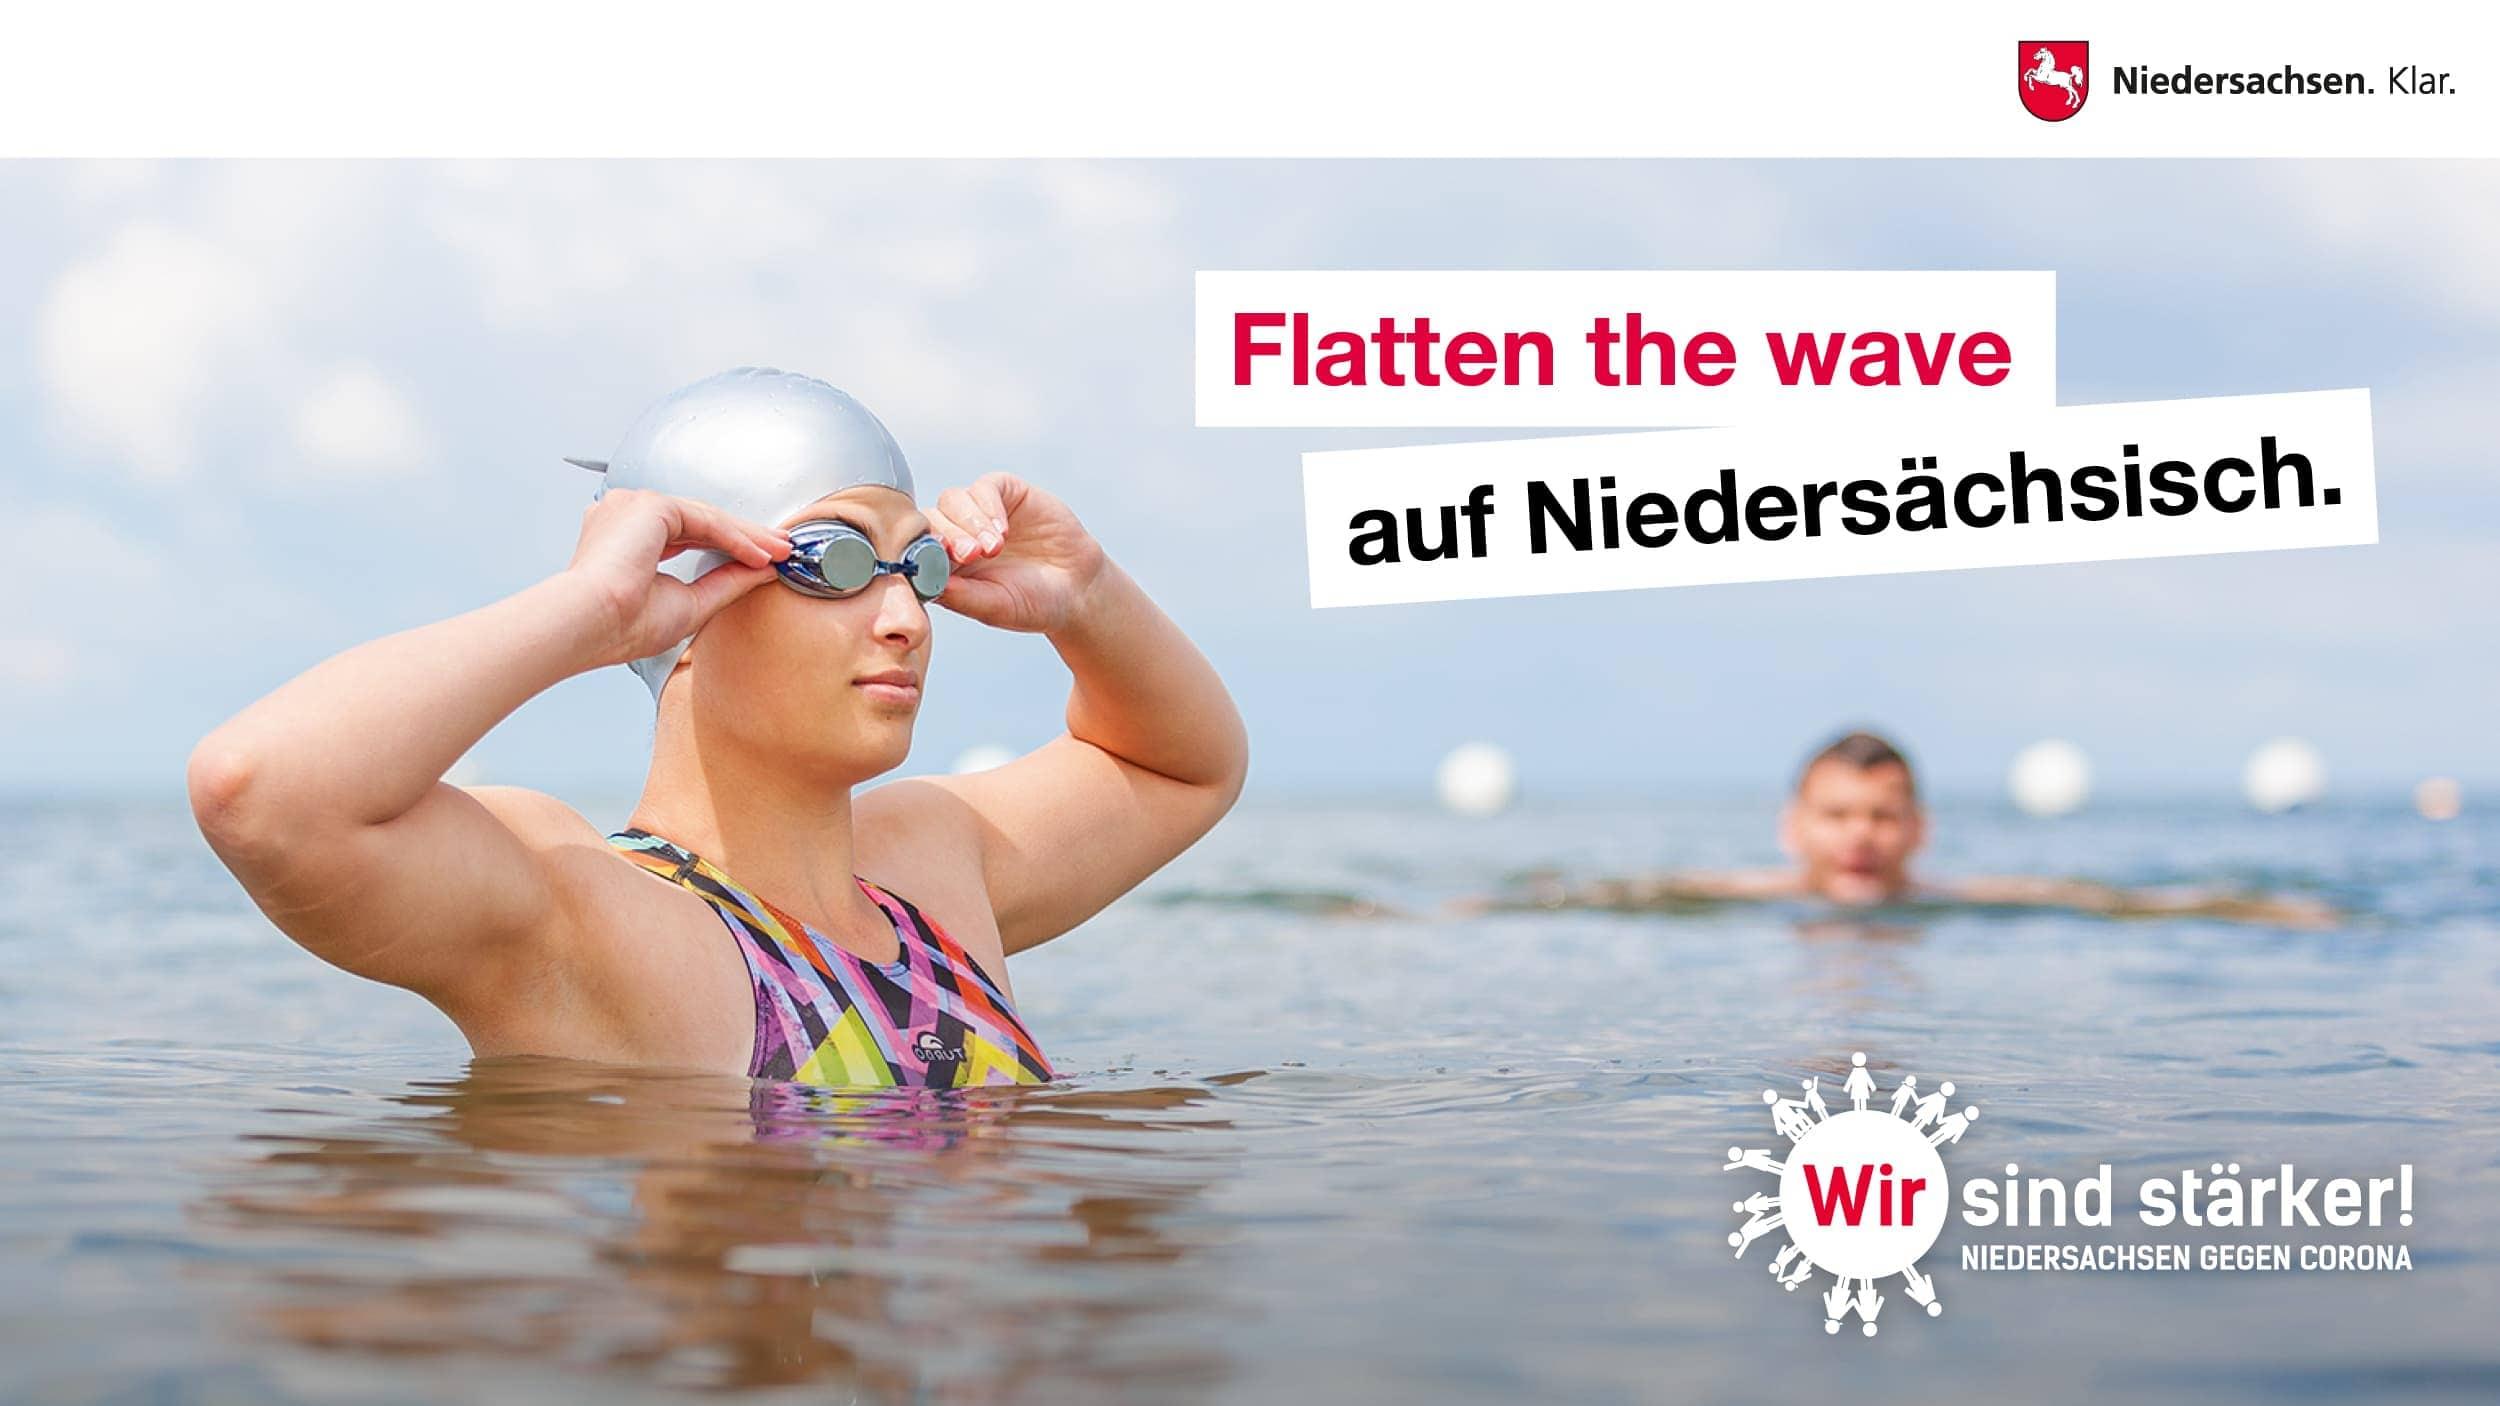 eine schwimmerin in der nordsee als motiv für die aktuelle werbekampagne des landes niedersachsen zum umgang mit corona